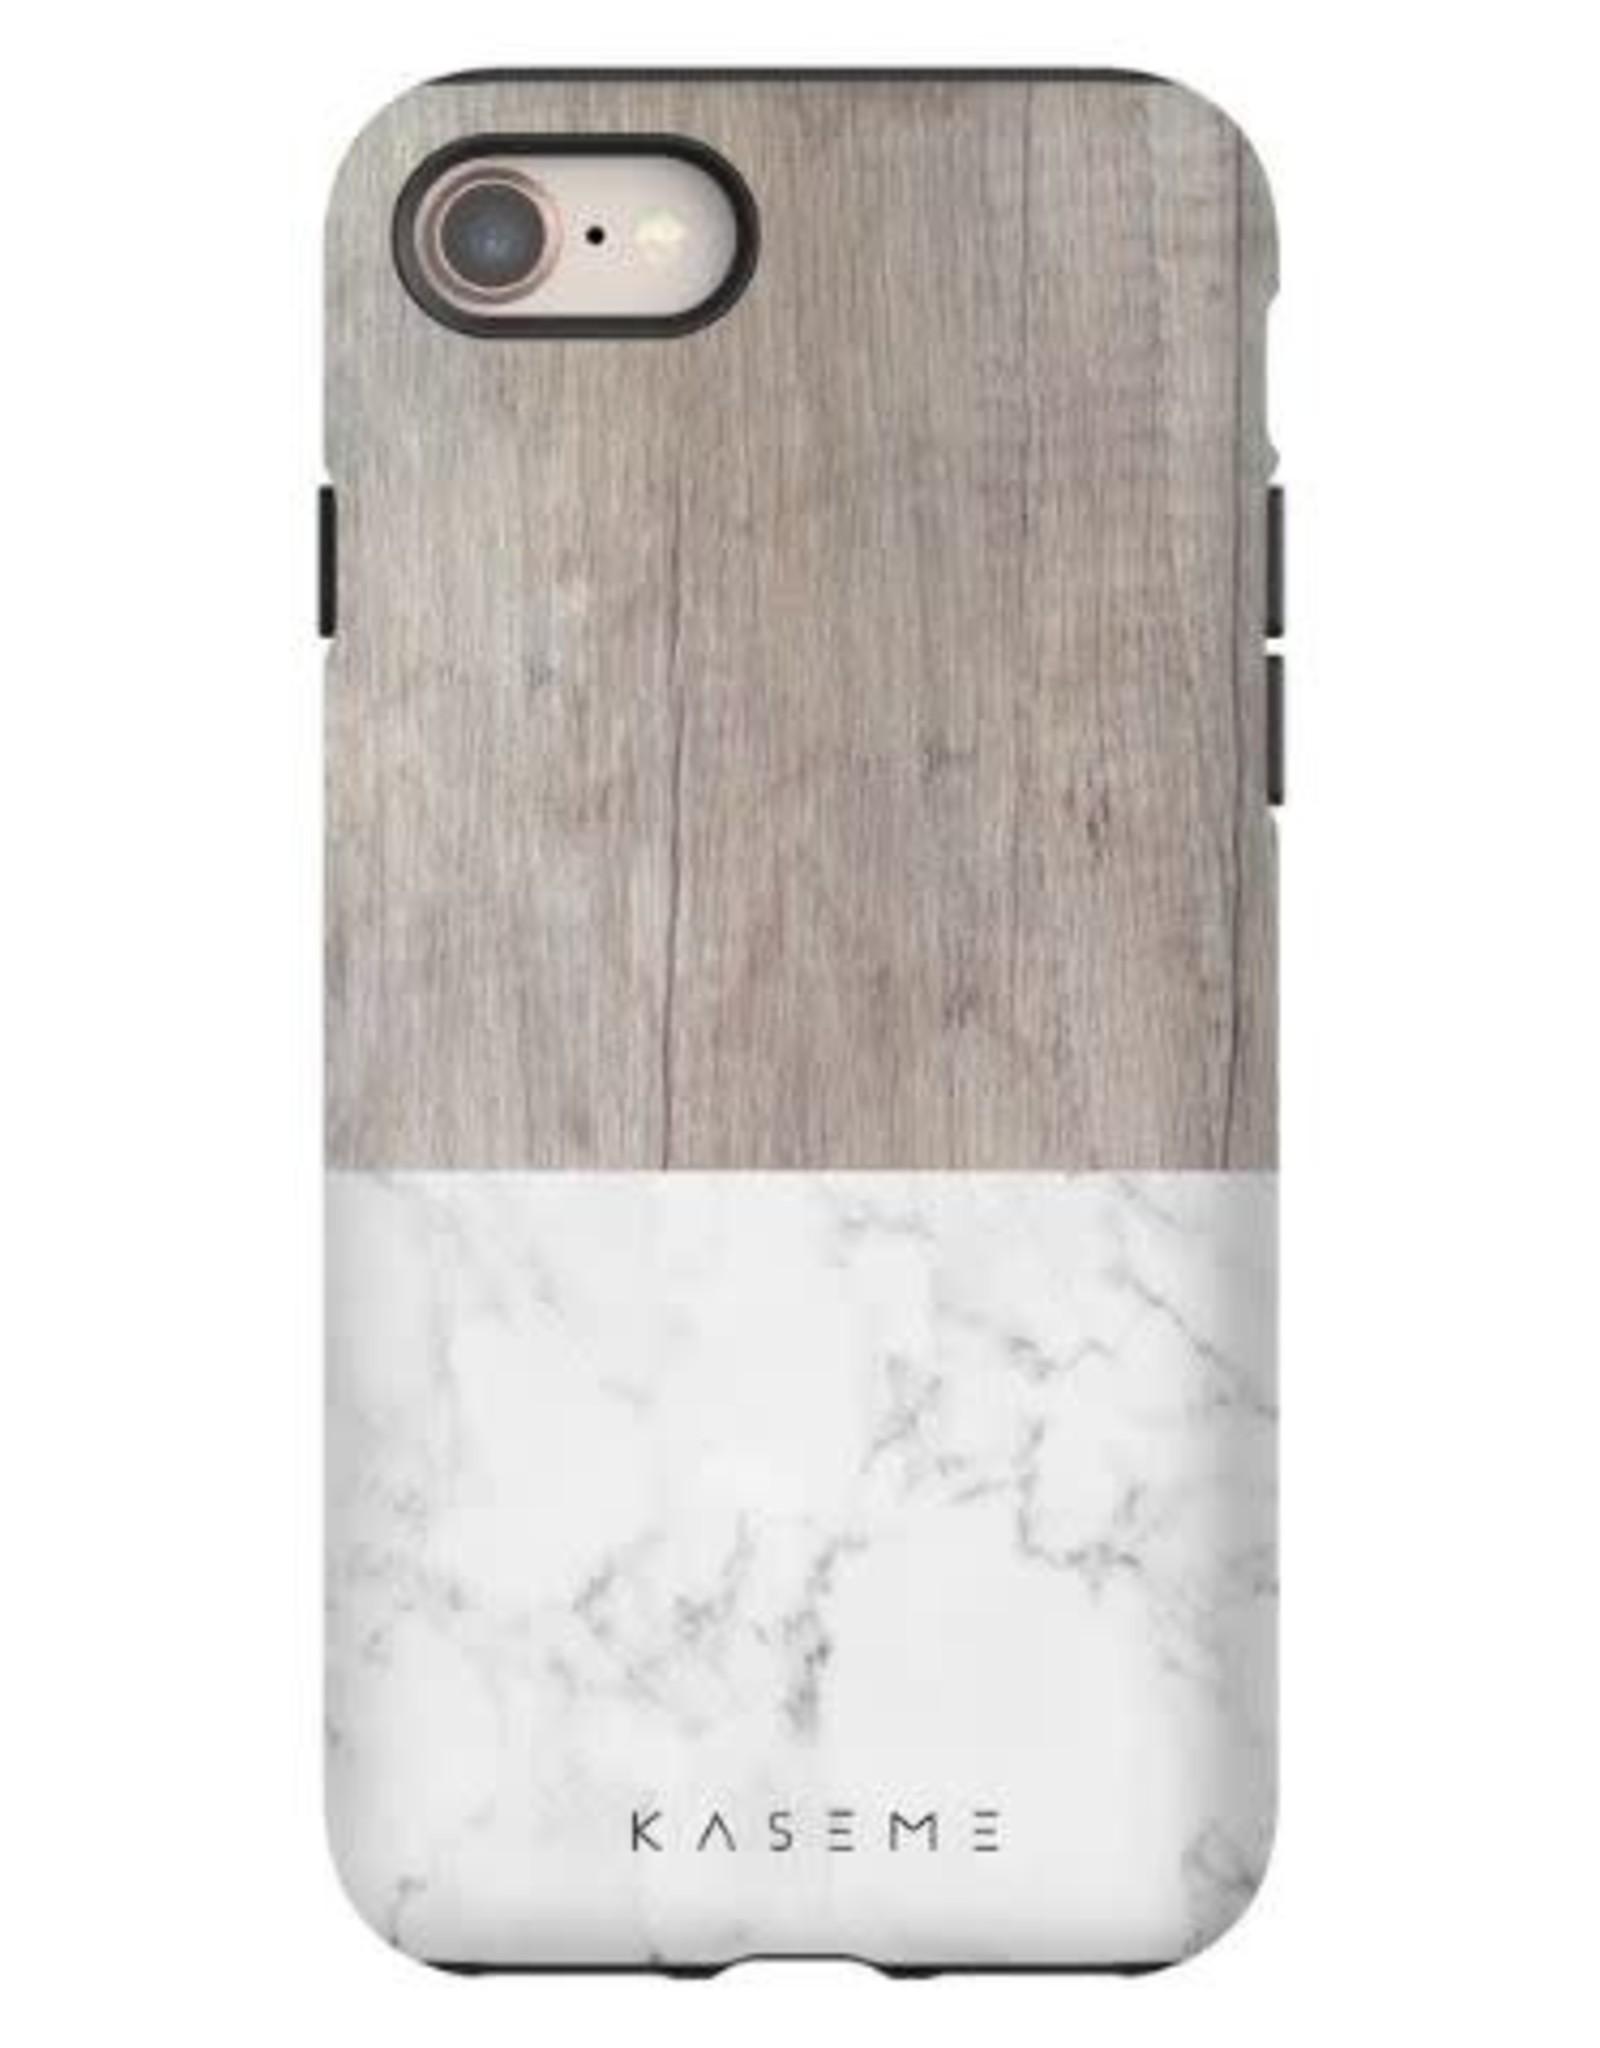 Kaseme Kaseme - étui cellulaire iPhone birch